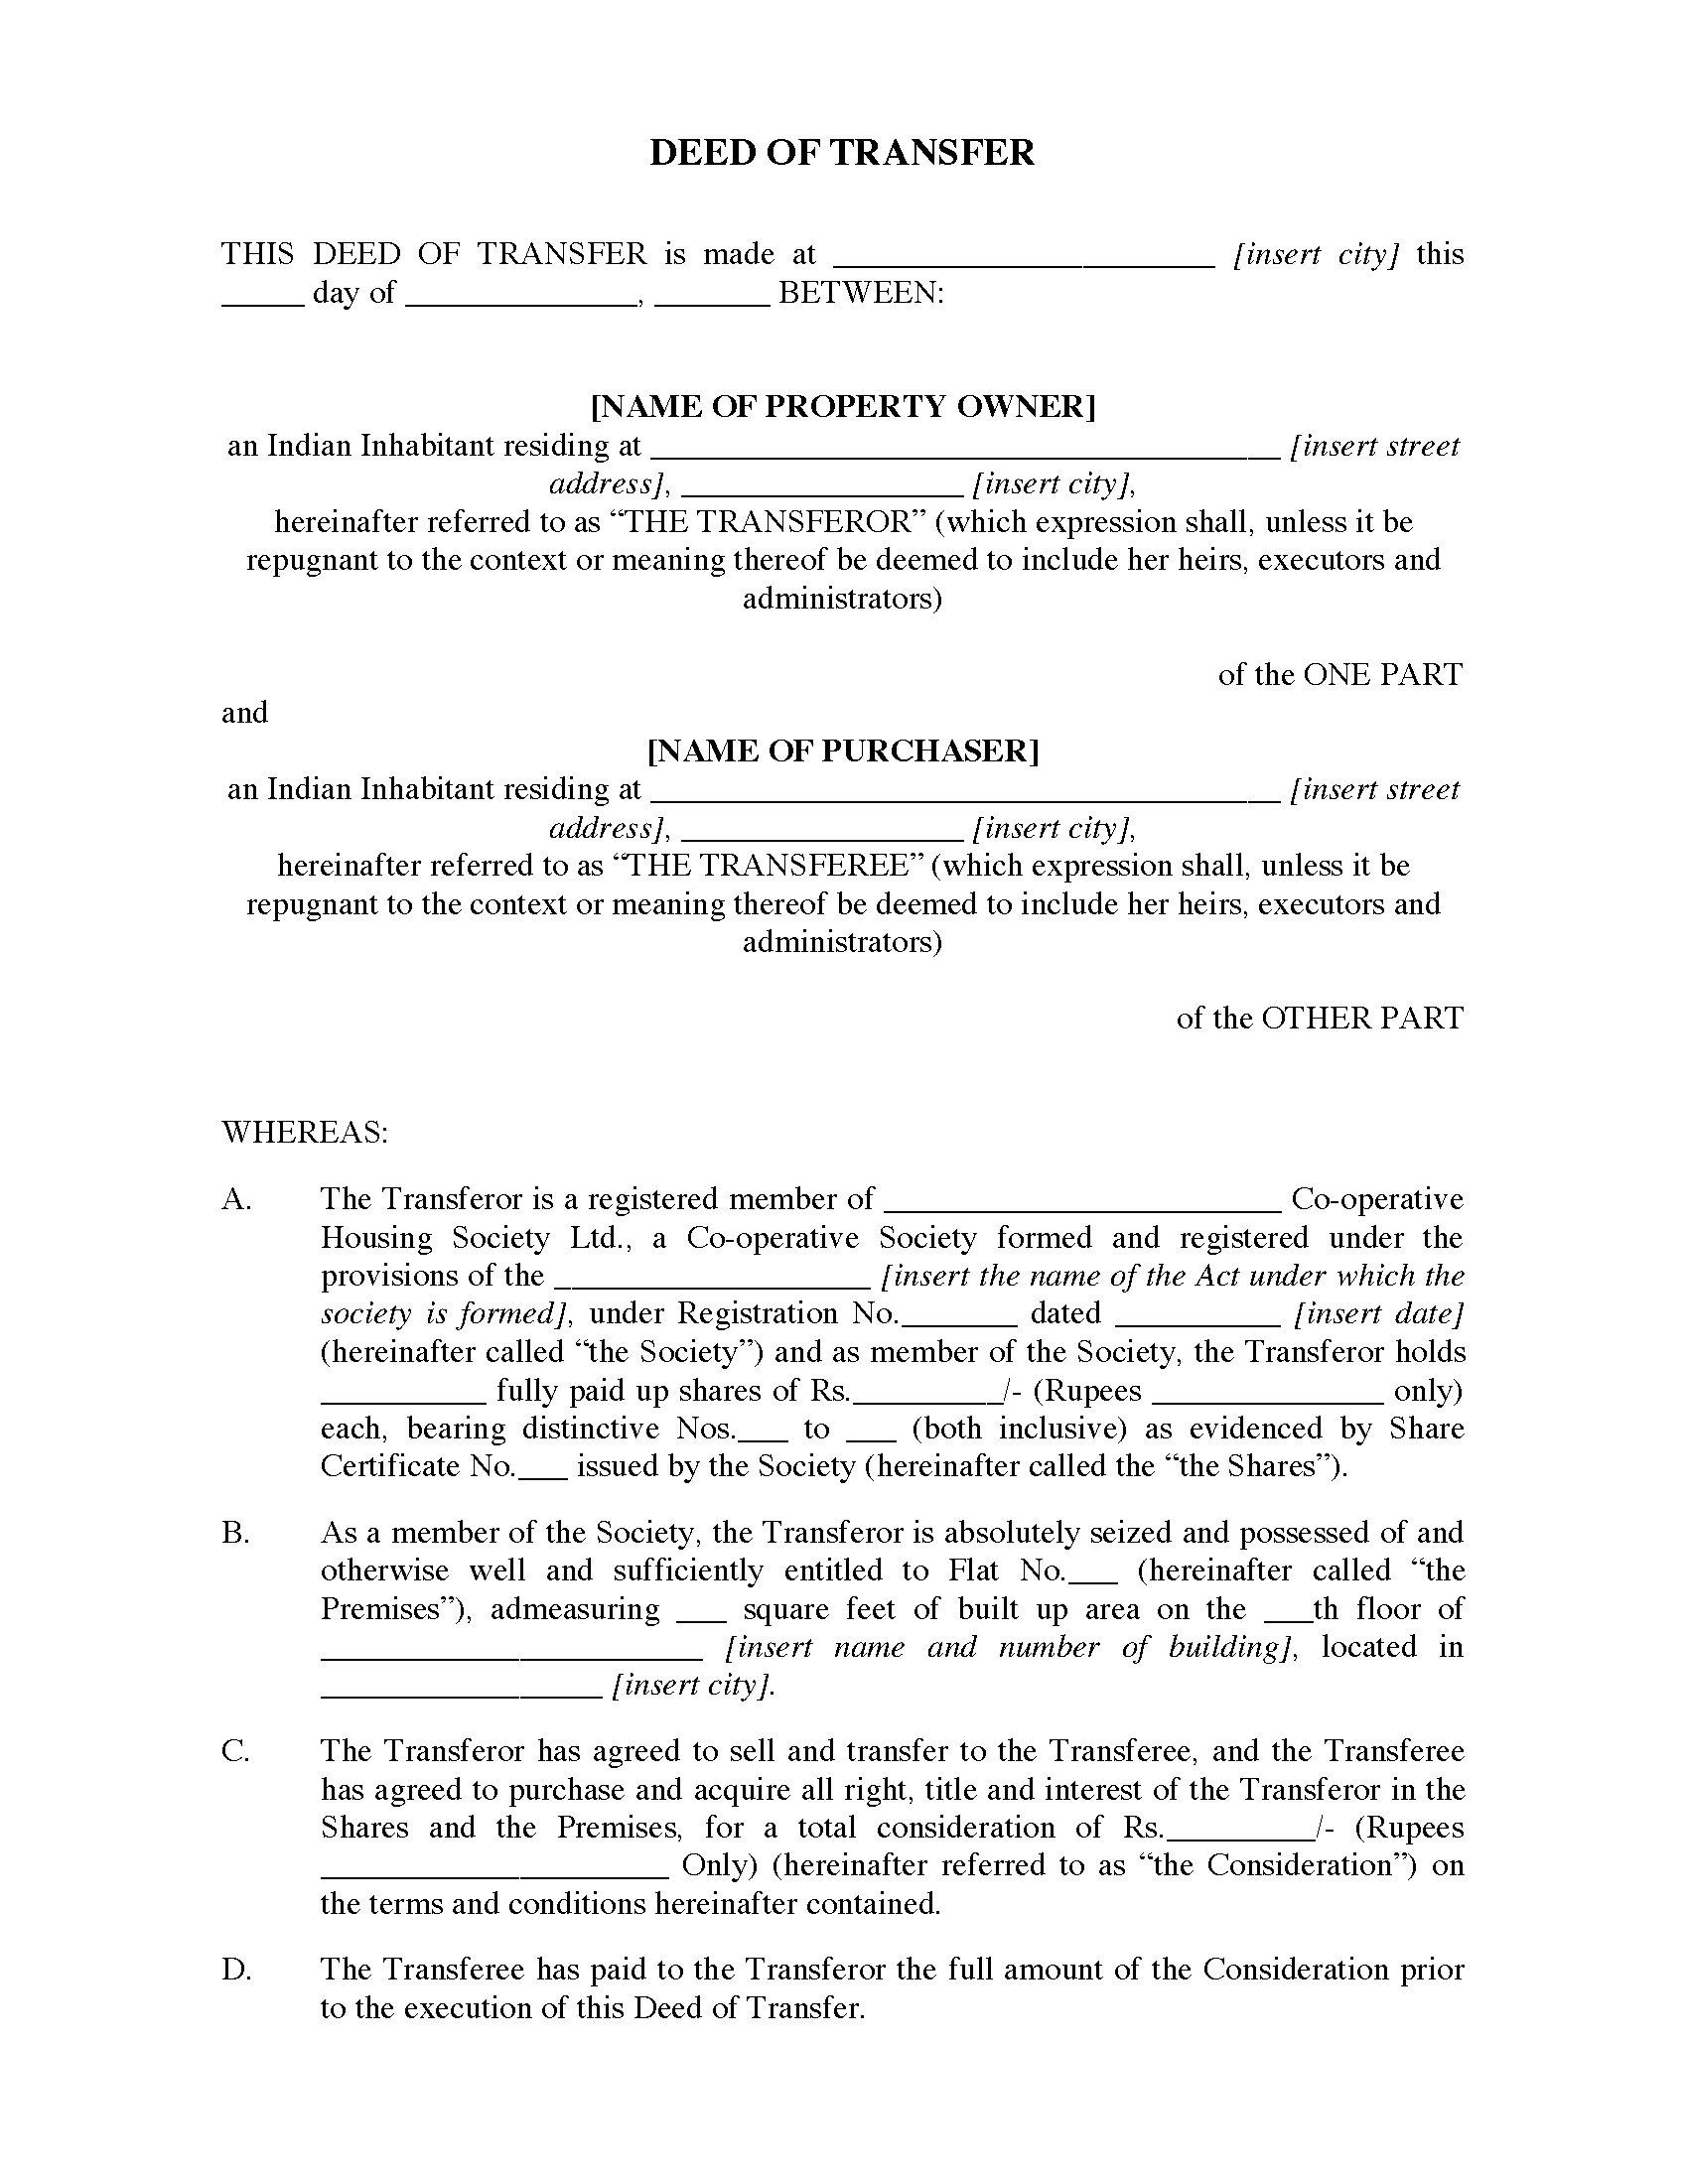 Ontario Property Transfer Taxes